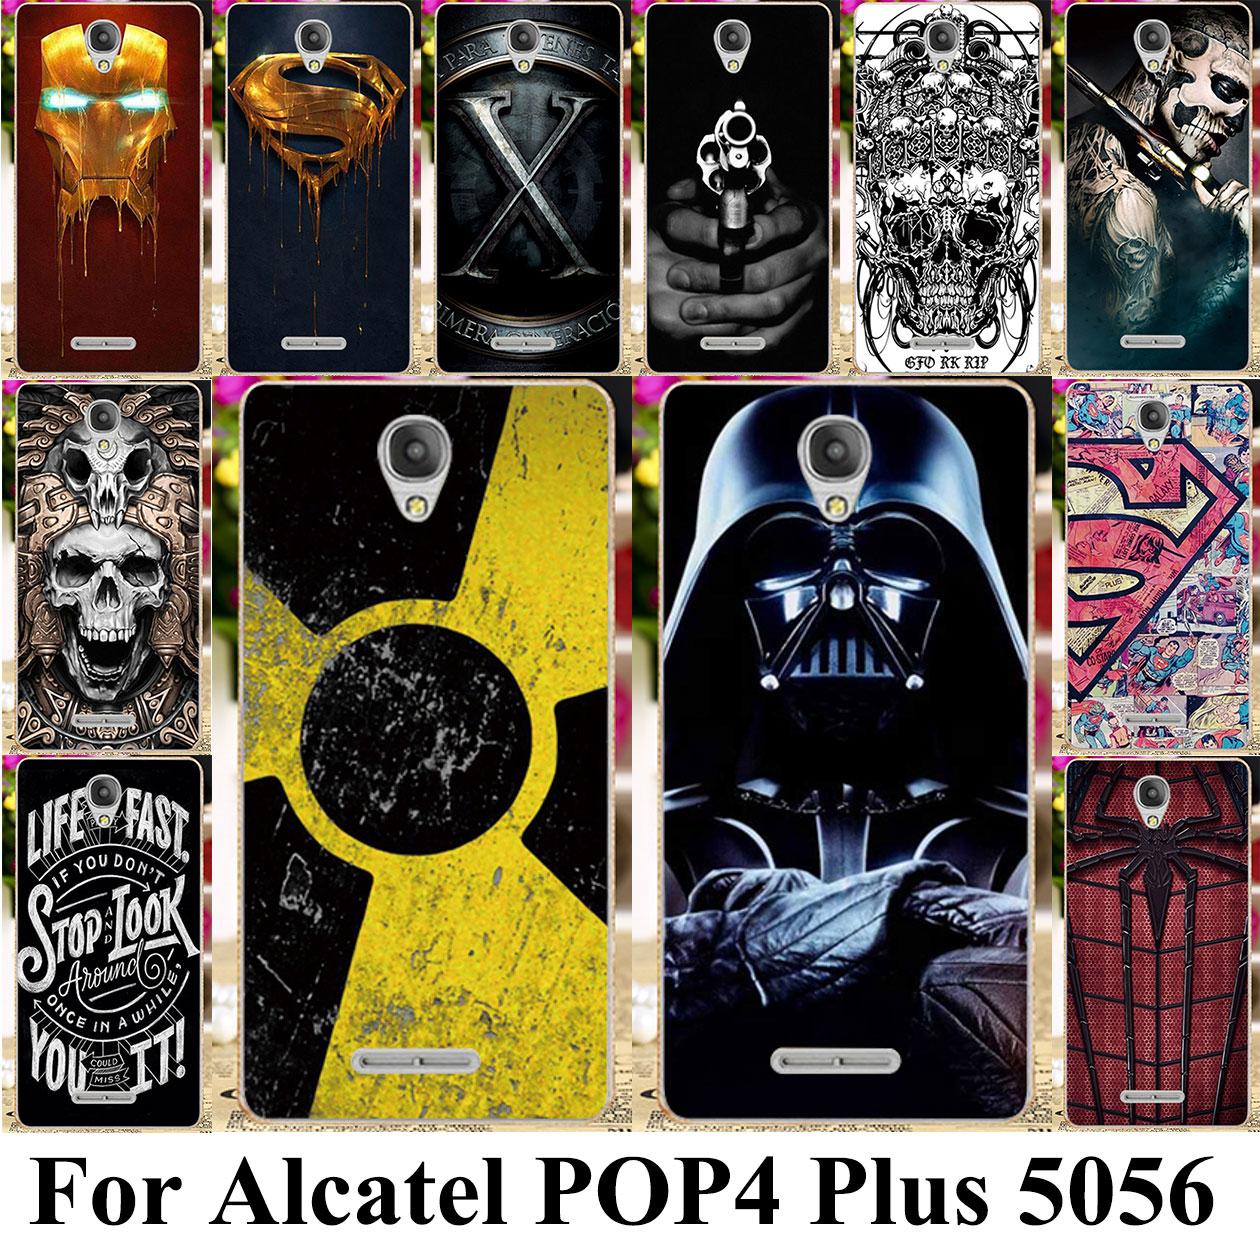 Cellphones & Telecommunications Phone Bags & Cases Ot-5056 Low Price 2019 Fashion Diy Photo Customize Phone Case Cover For Alcatel Pop 3 5.0 5015 5015d 5065 5015x Pop 4 Plus 5.5 5056 5056d Pop 4